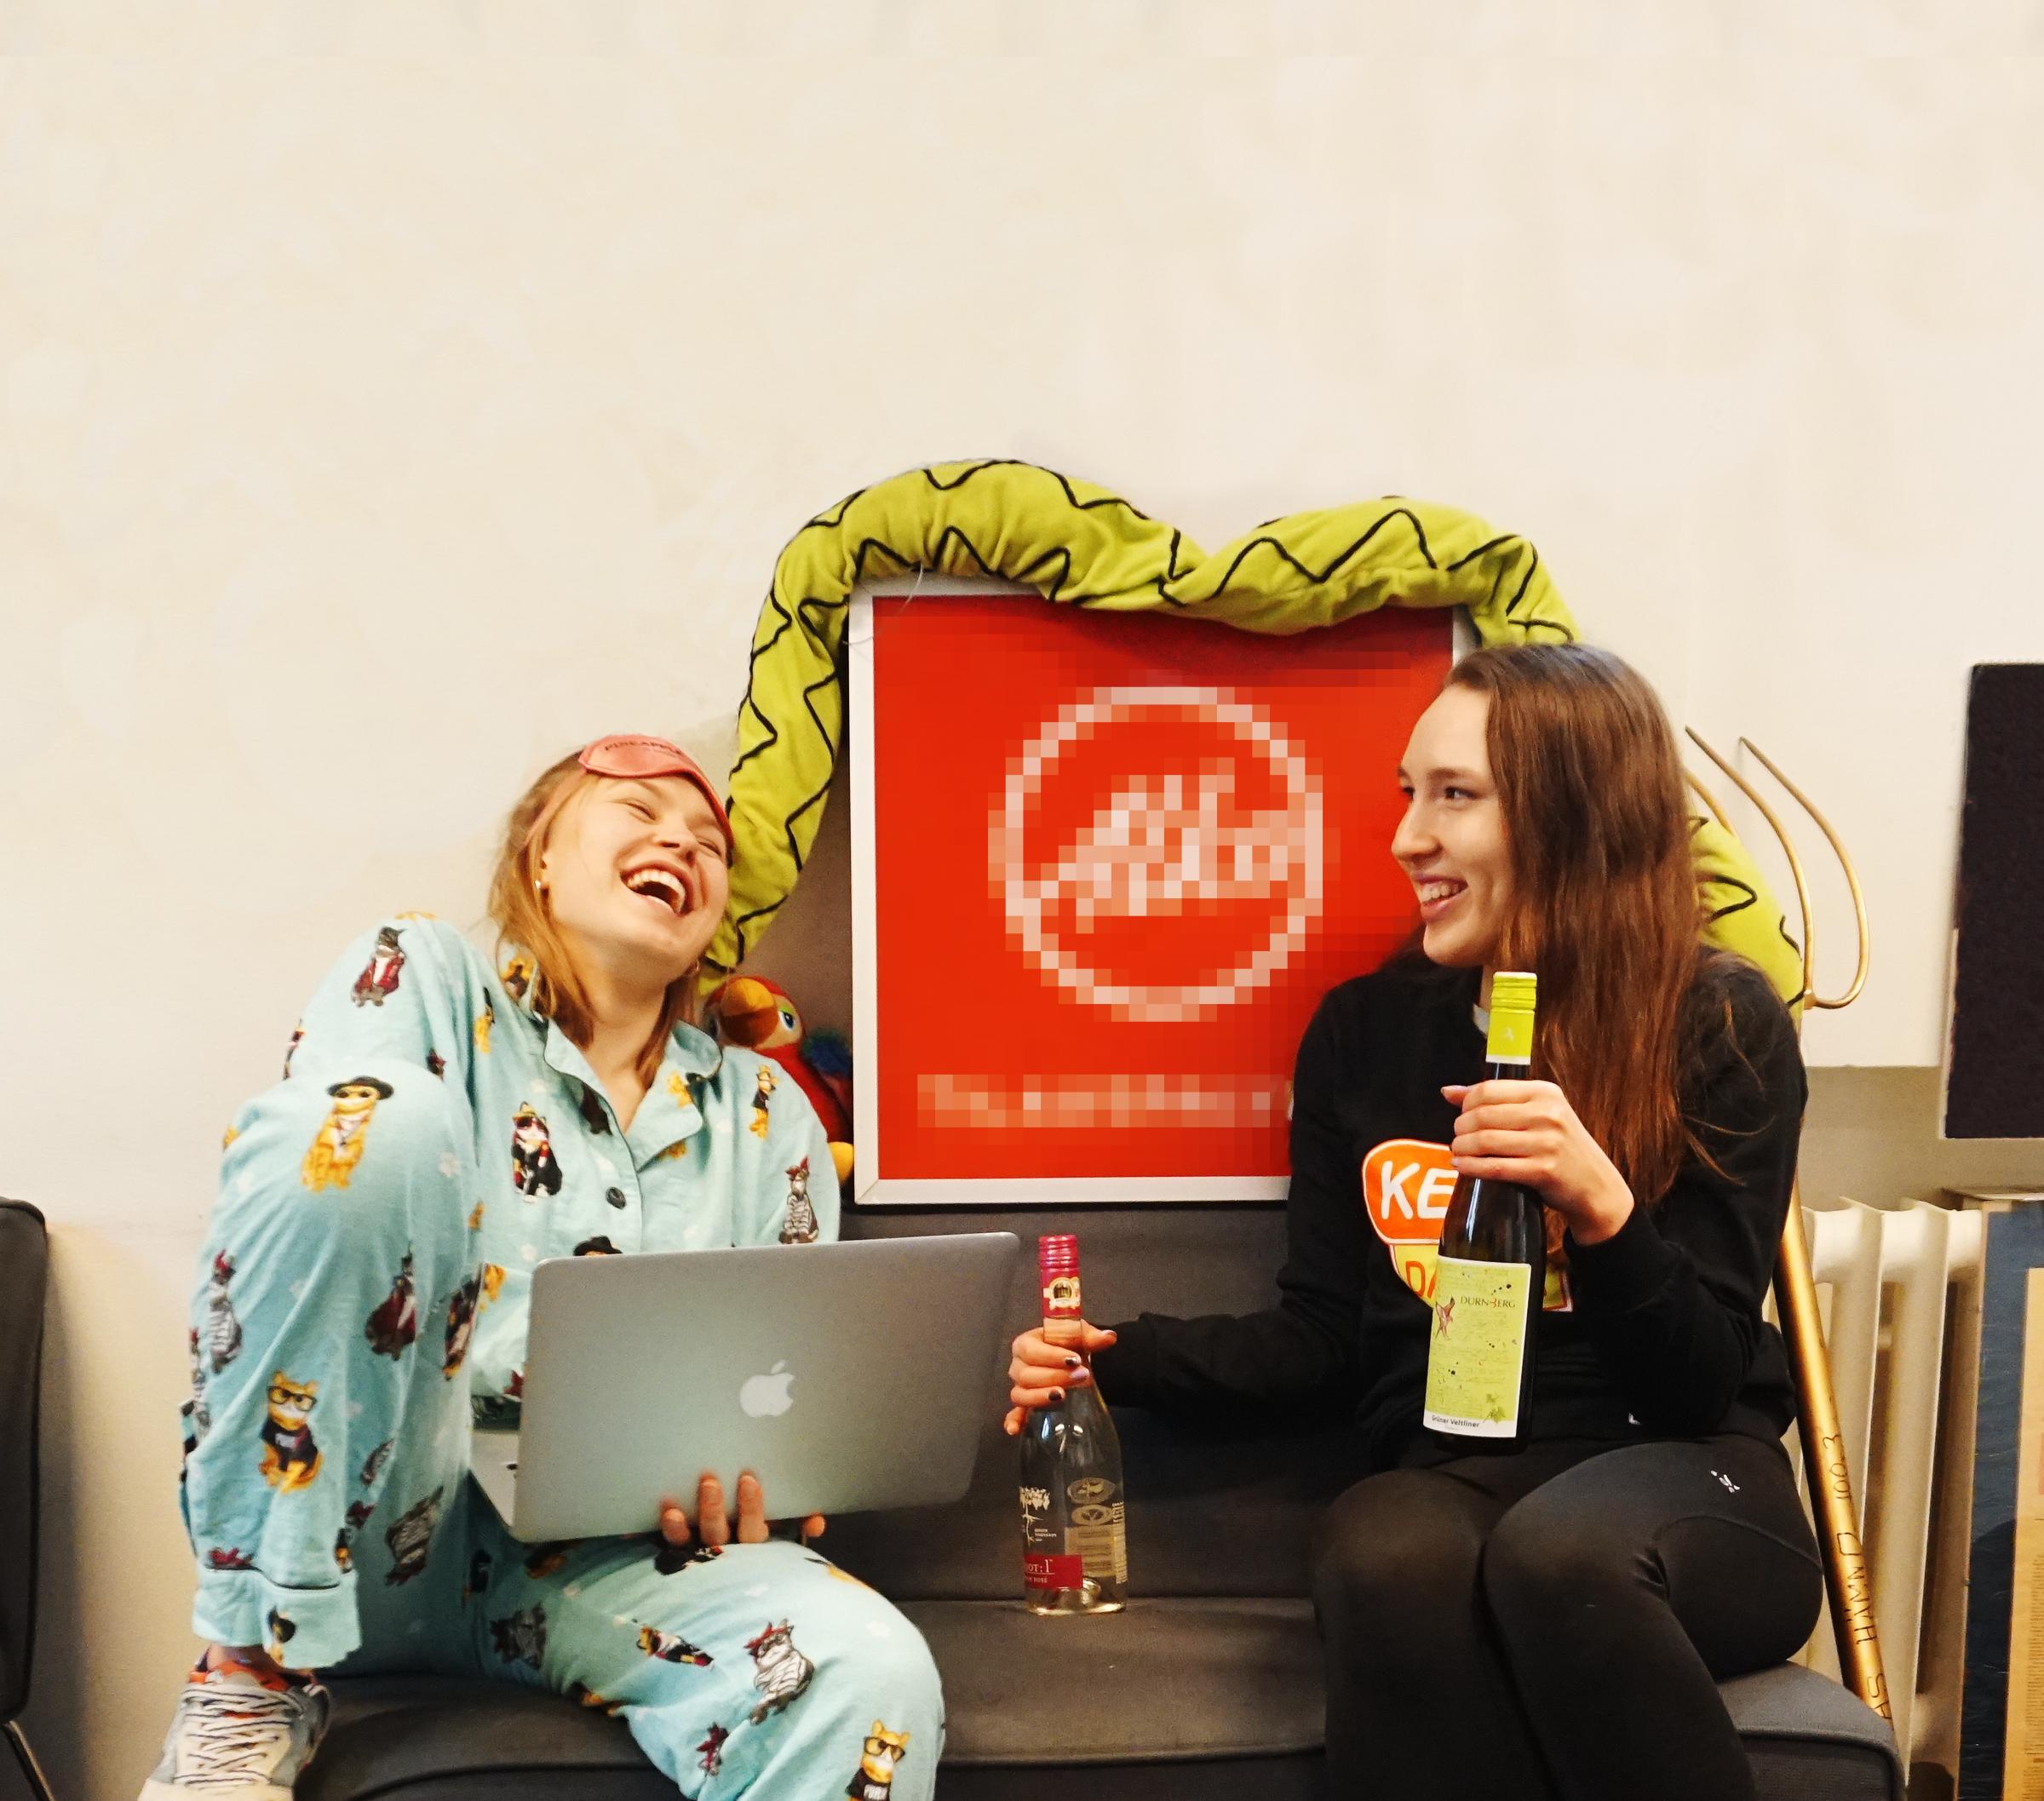 Pinsamma podden, Moa och Evelina sitter på en soffa med en alko-skylt